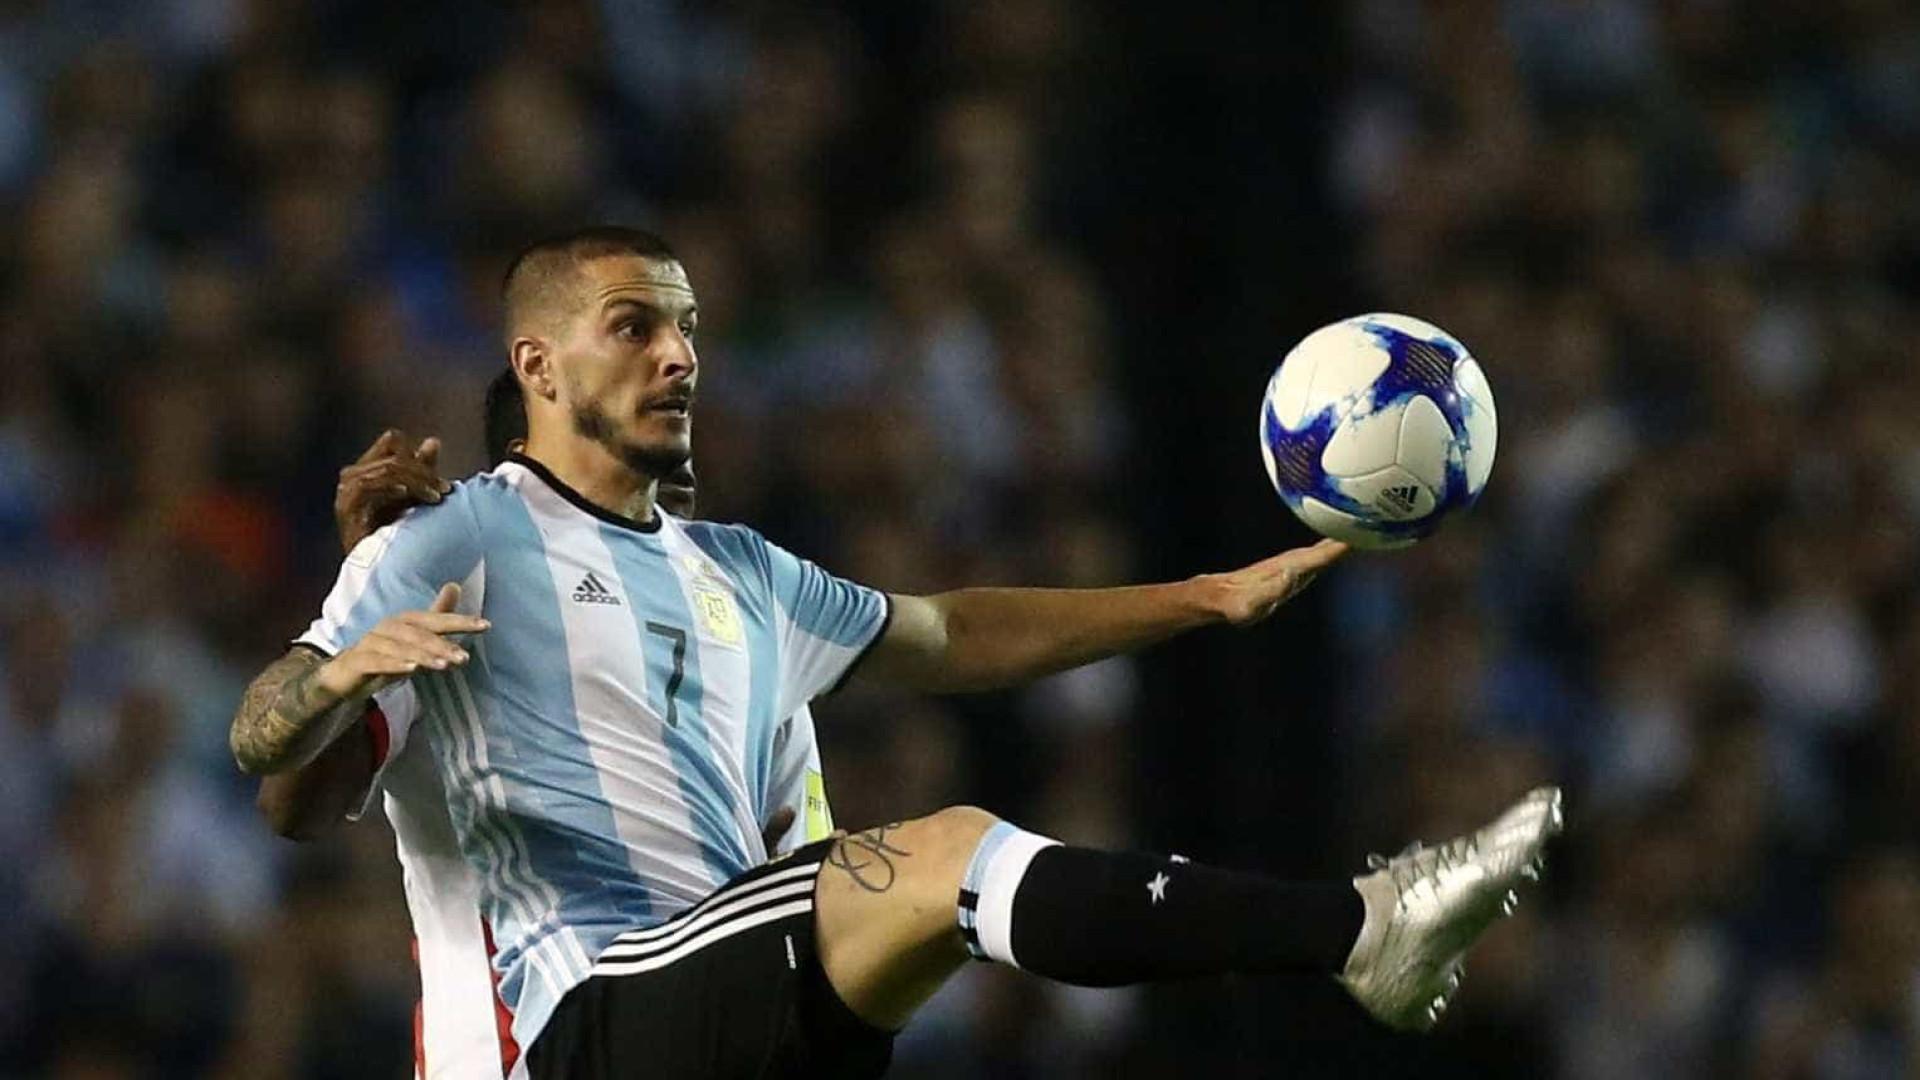 Craque da Argentina sofre lesão e pode ficar fora da Copa do Mundo